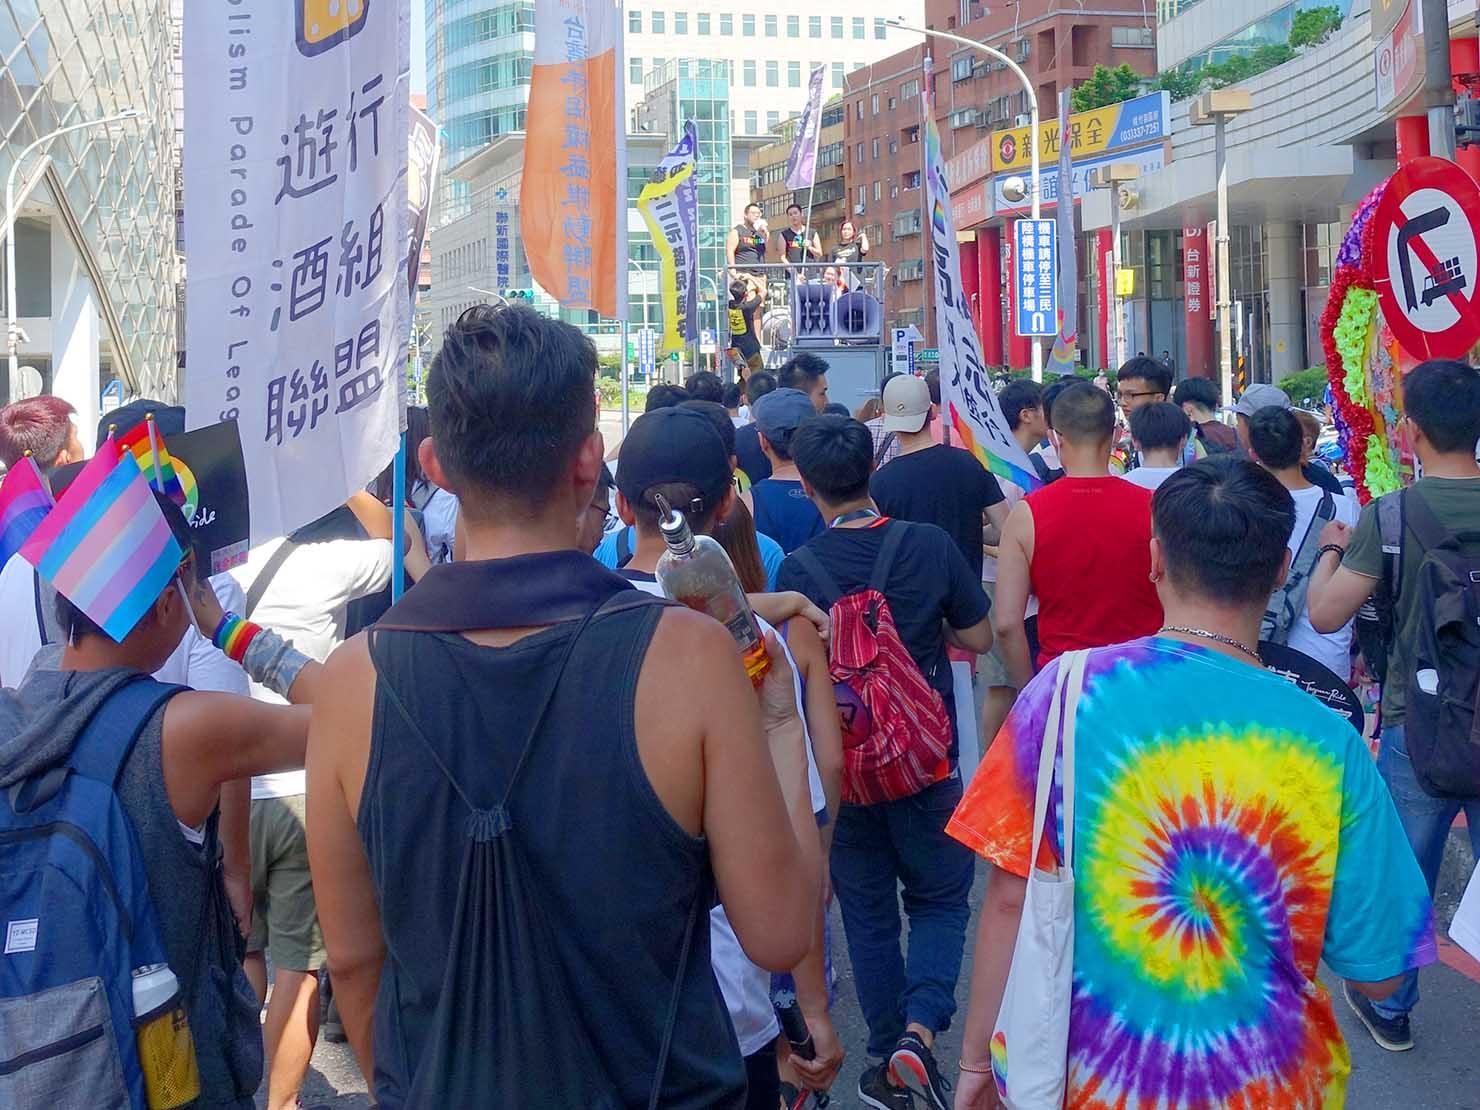 台湾・桃園のLGBTプライド「桃園彩虹野餐日」2020で先導車に続くパレード隊列